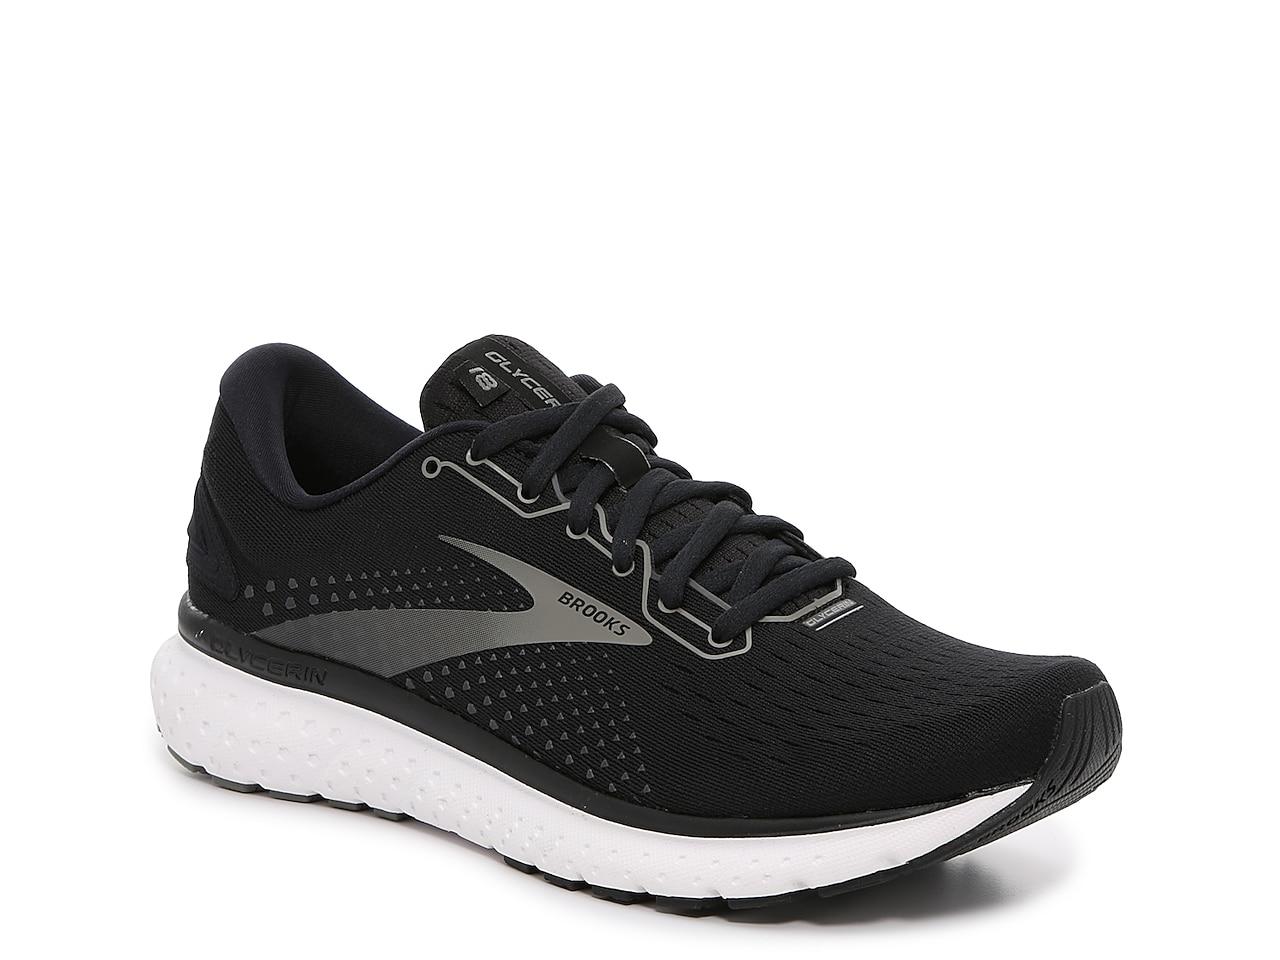 Glycerin 18 Running Shoe - Women's